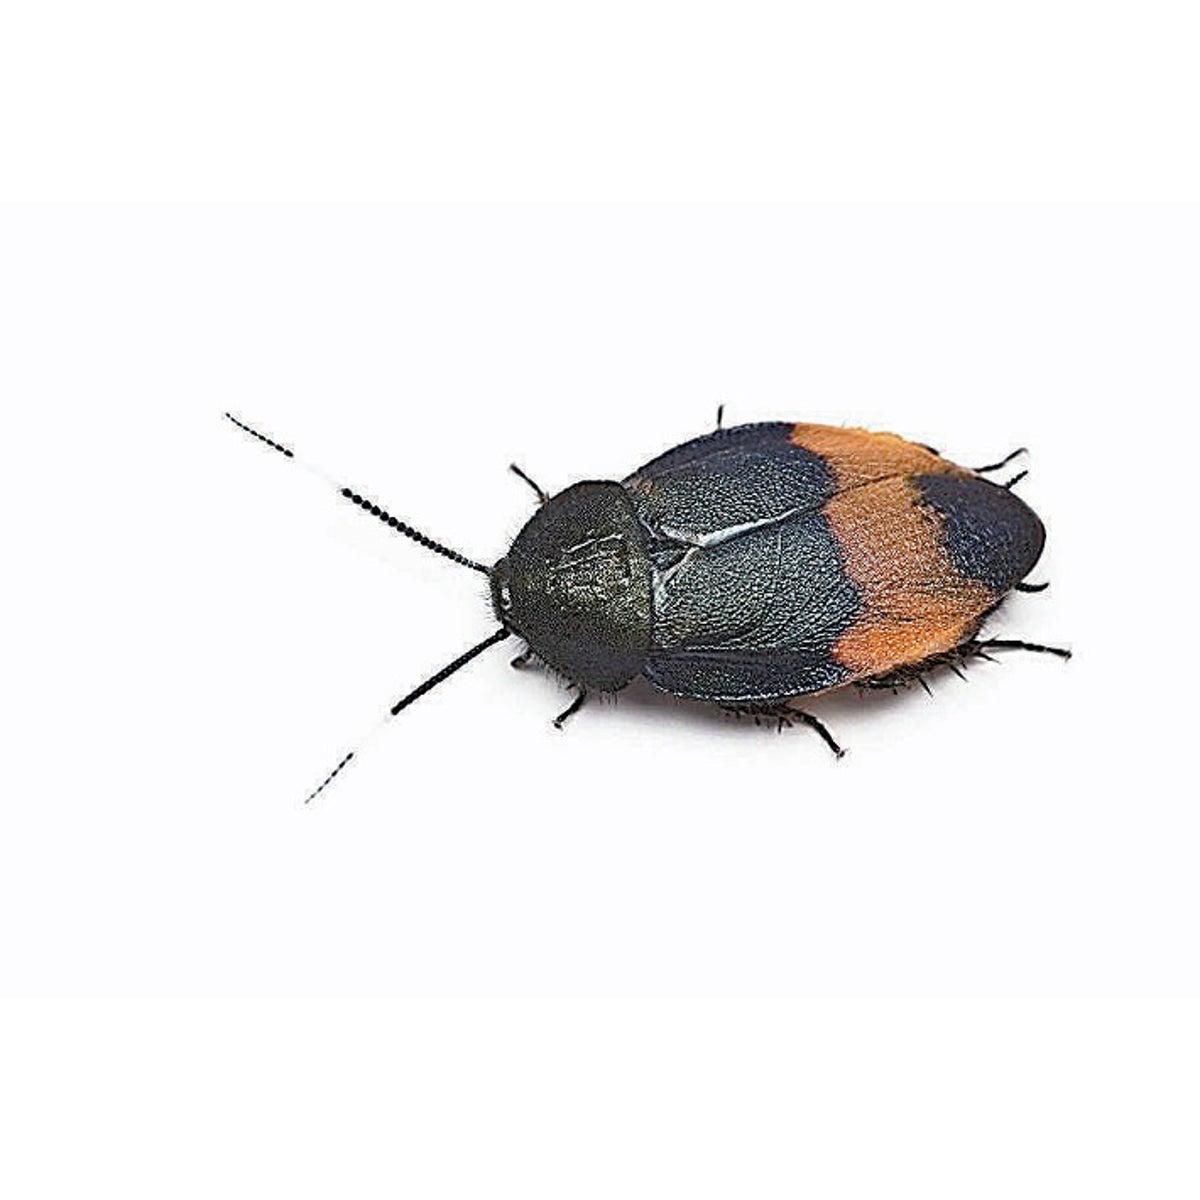 占い ゴキブリ 夢 【夢占い】ゴキブリの夢の意味!大きさや場所、シチュエーション別22パターンを徹底解説